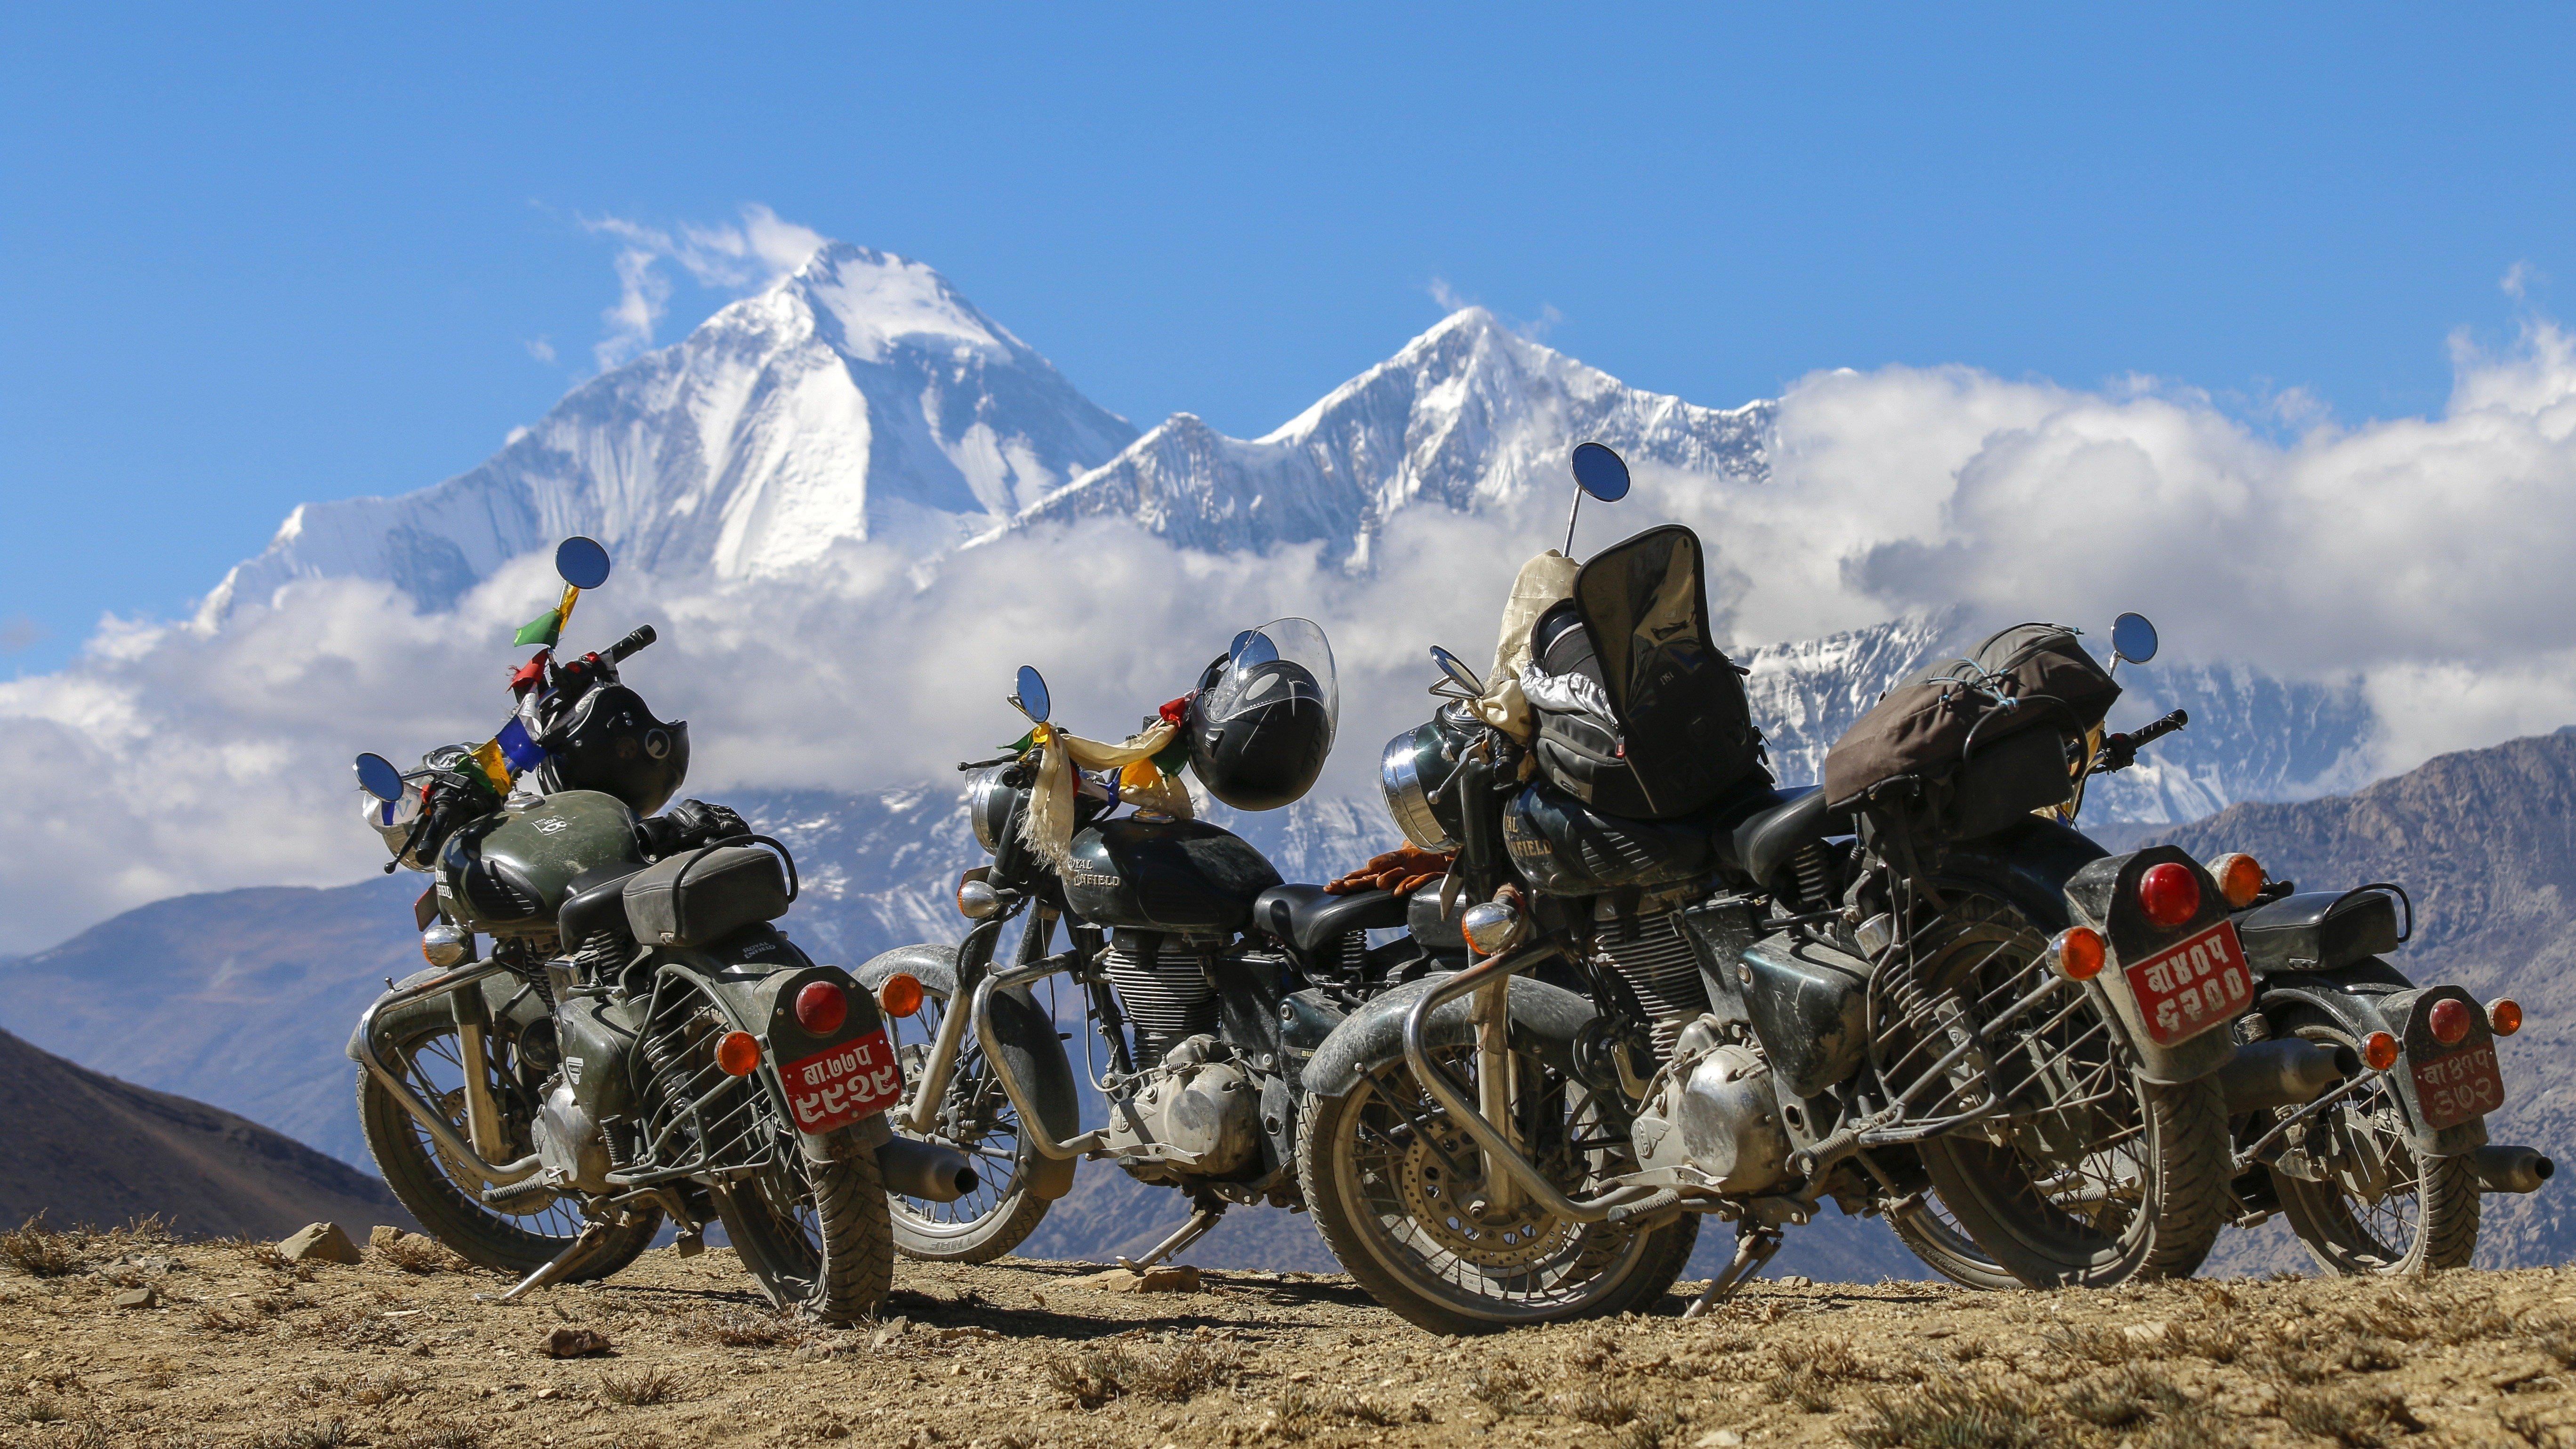 Motorcycle tour Nepal